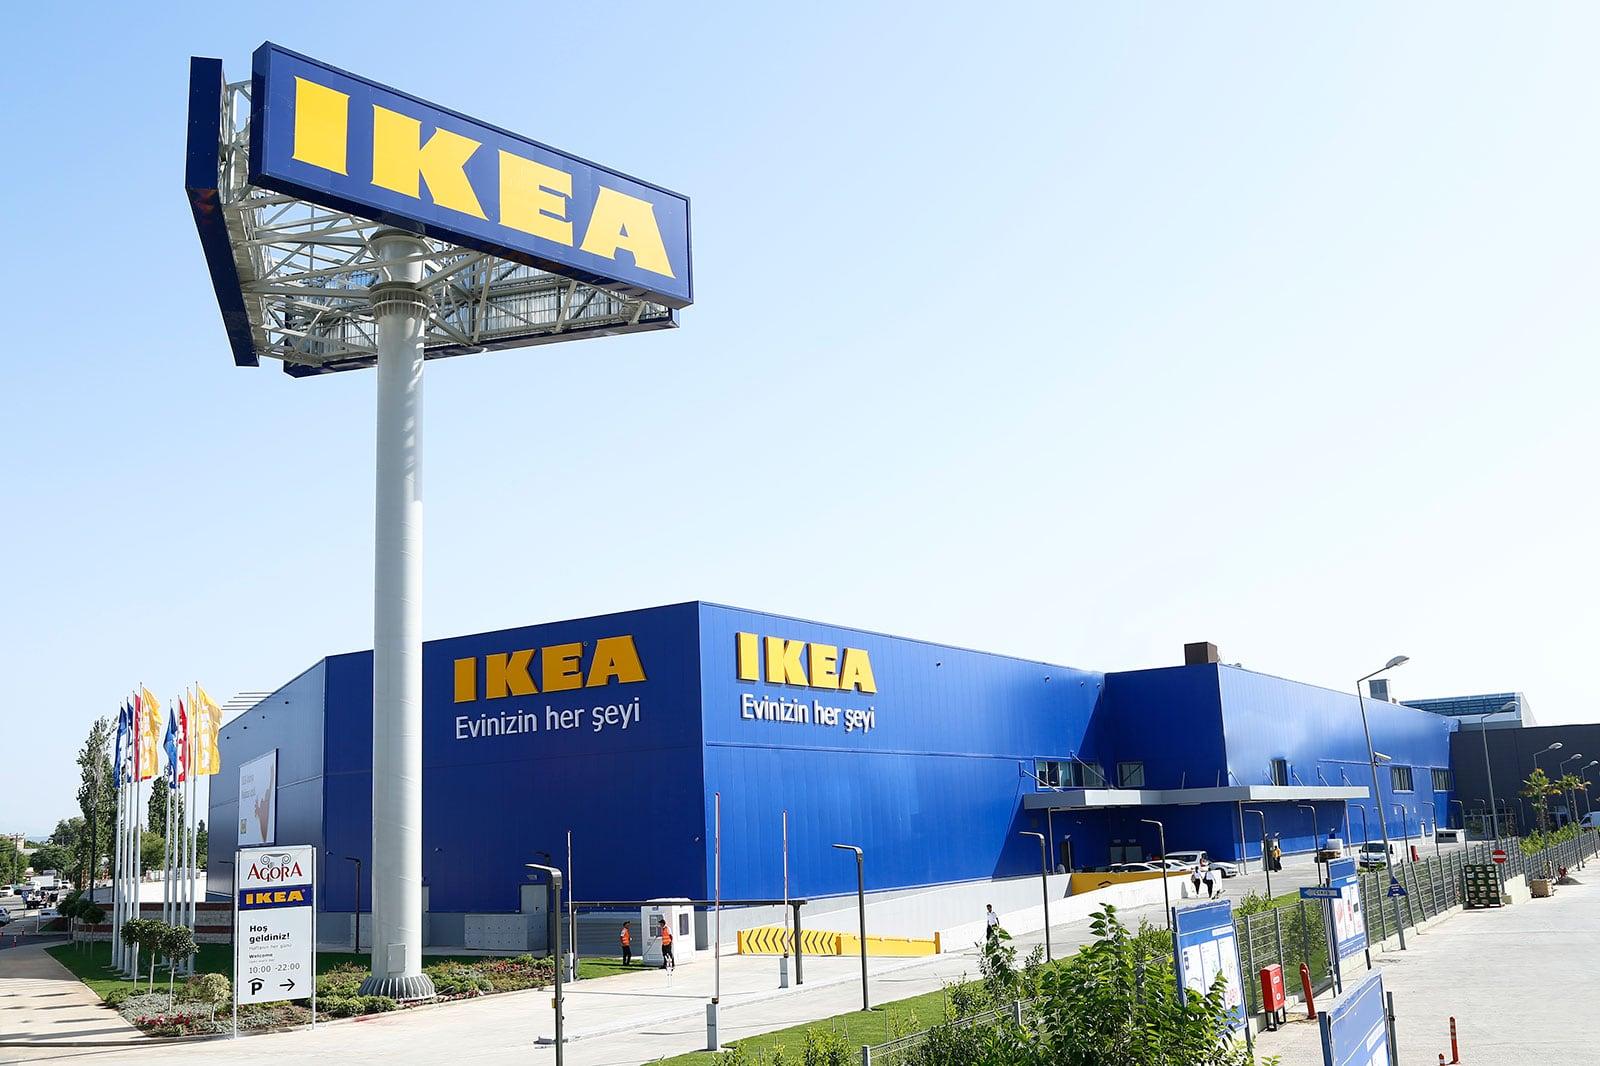 IKEA,TÜRKİYE,ÜRETİM,İHRACAT,FİNANSMAN,ŞİRKET